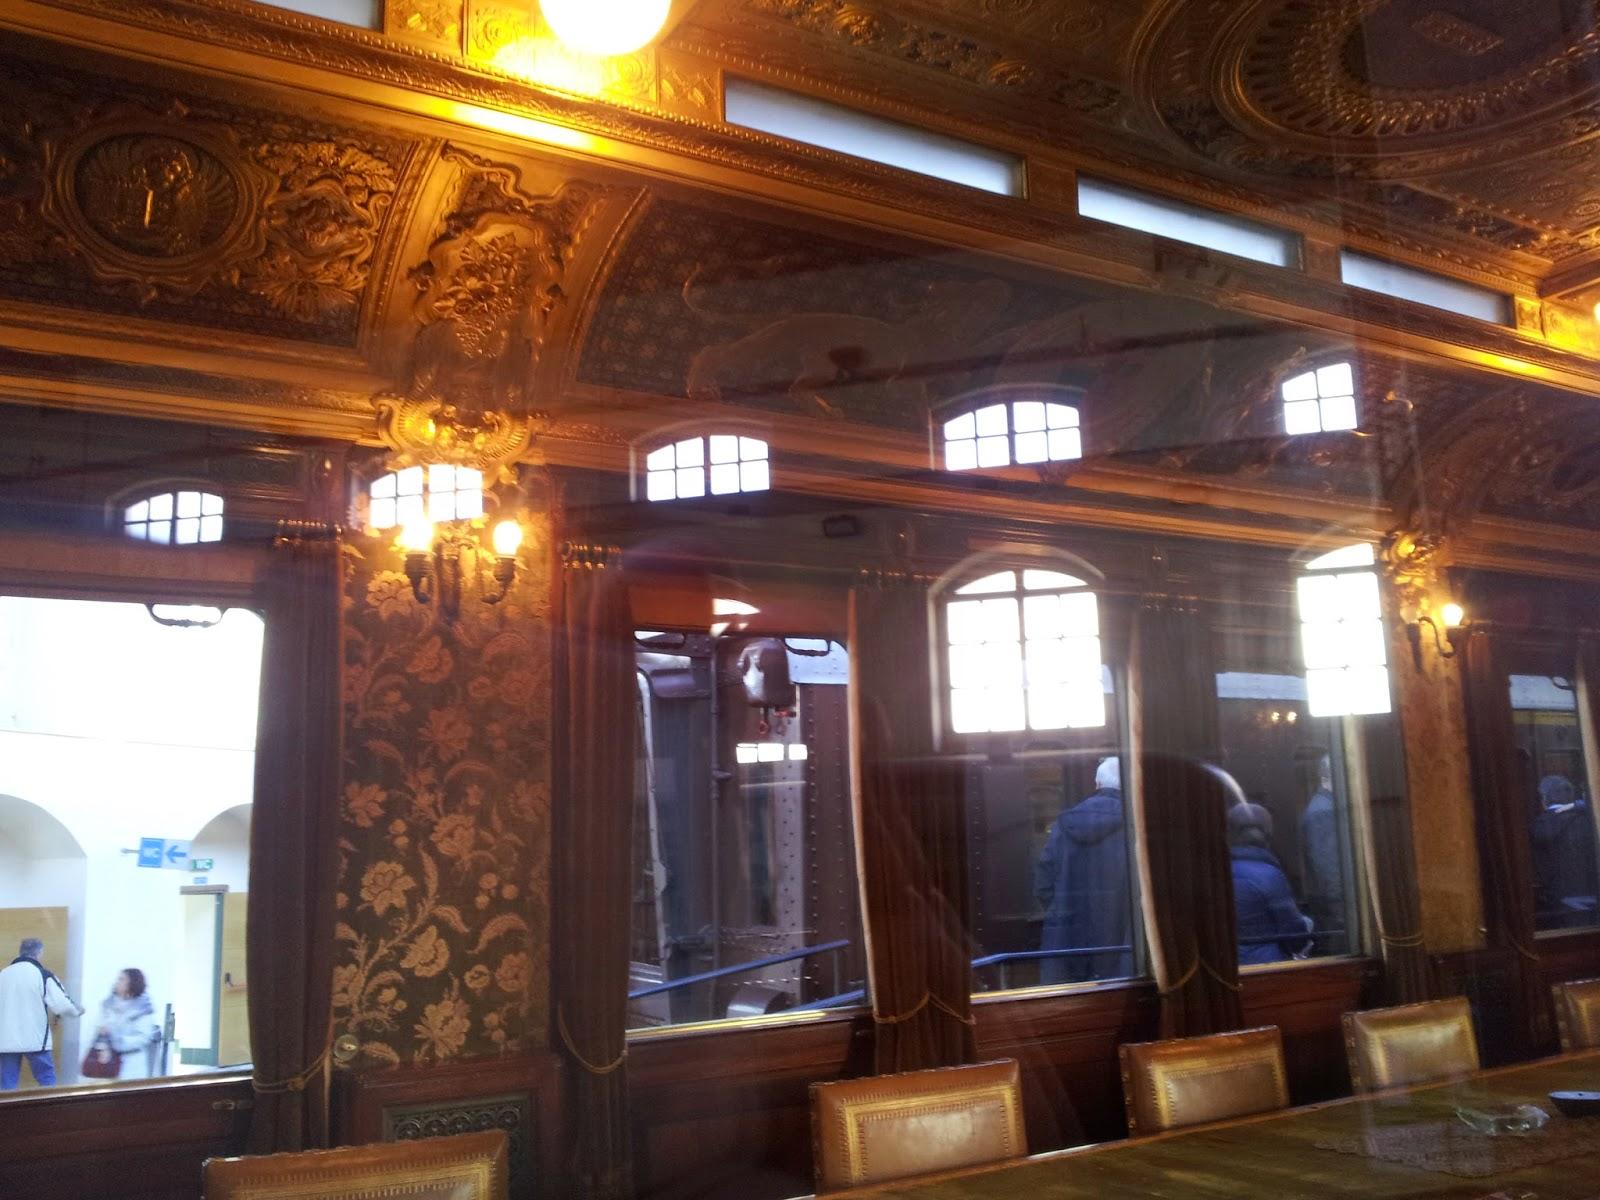 Disservizio pubblico visita al museo nazionale di for Quotazione ferro vecchio in tempo reale